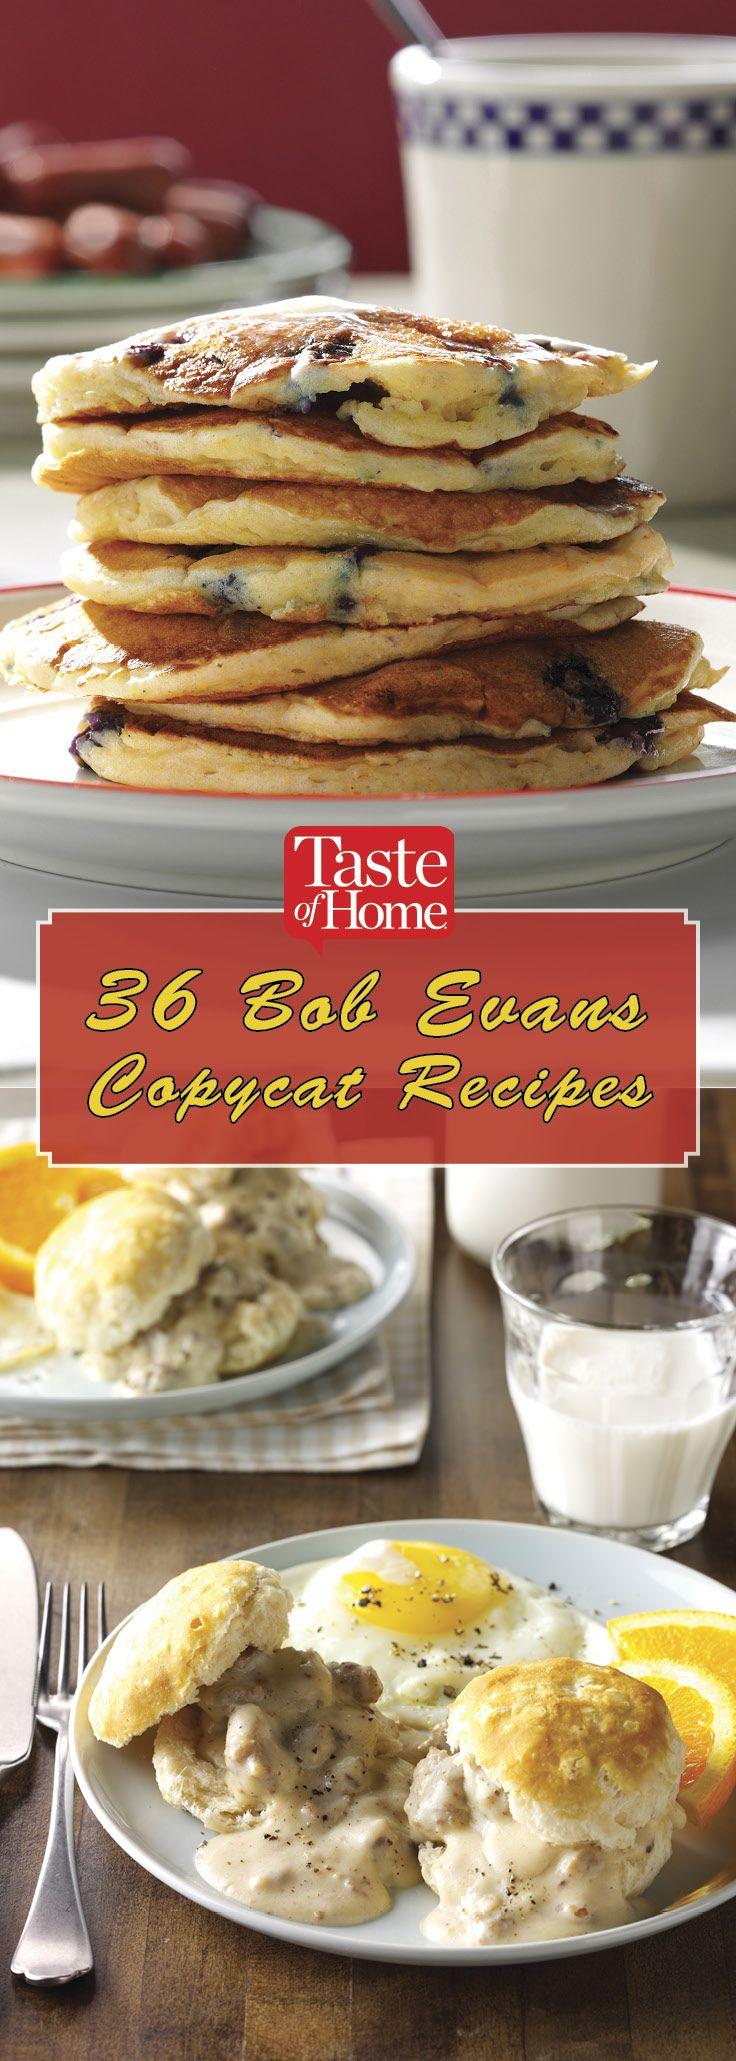 36 Bob Evans Copycat Recipes Copykat Recipes Recipes Bob Evans Recipes